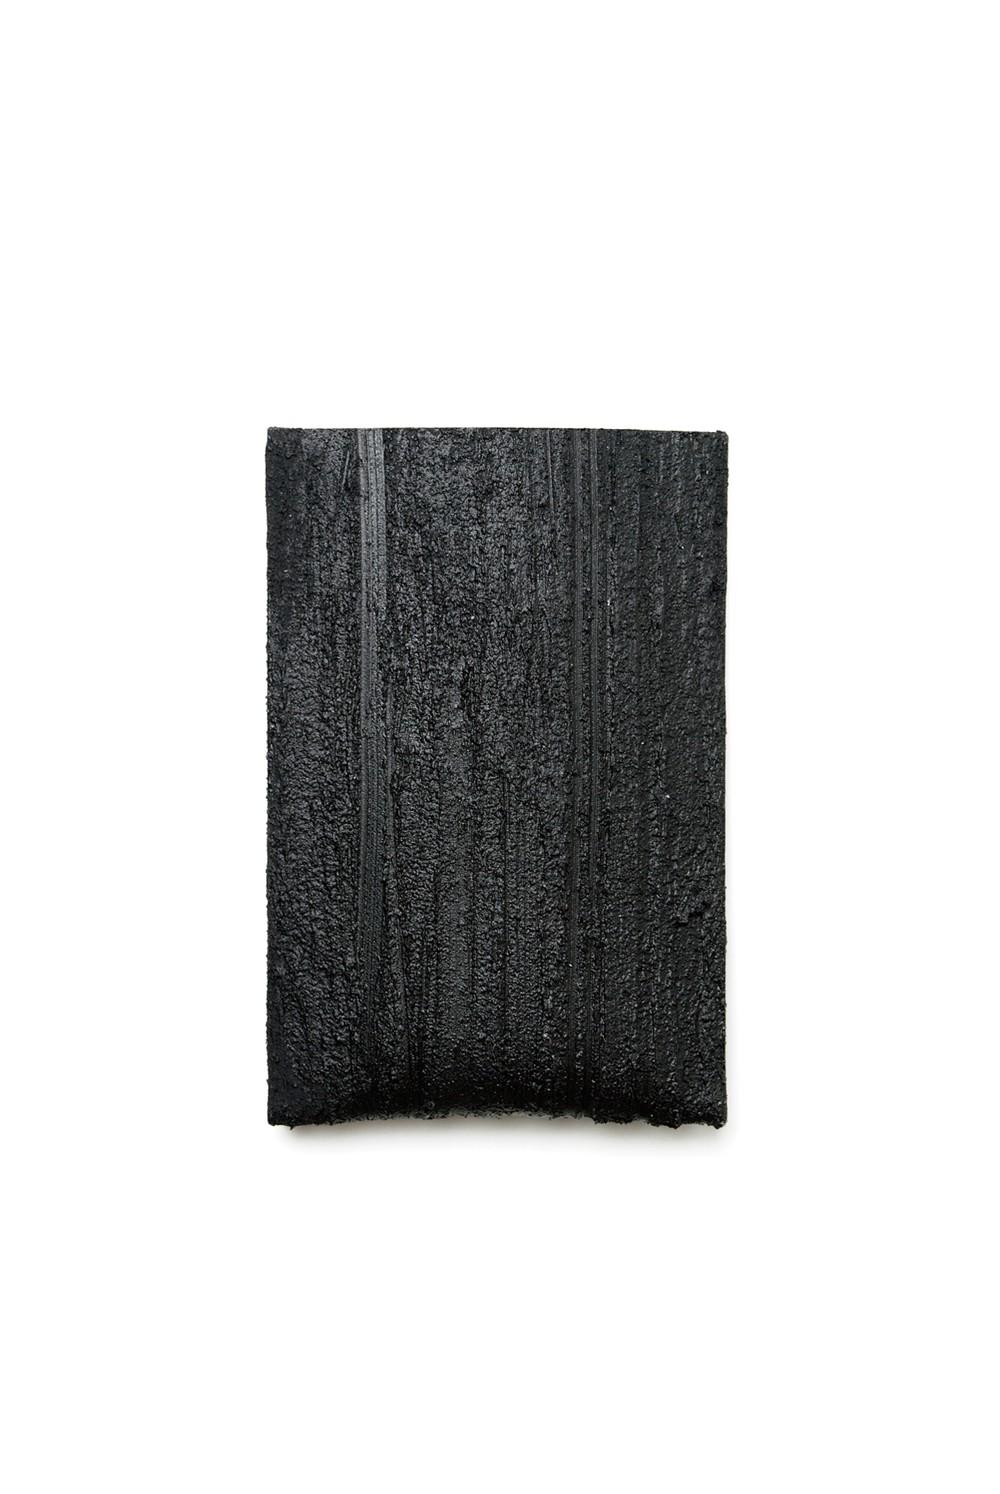 【特注】ウォールパスケース [黒い壁] / ps01-bk